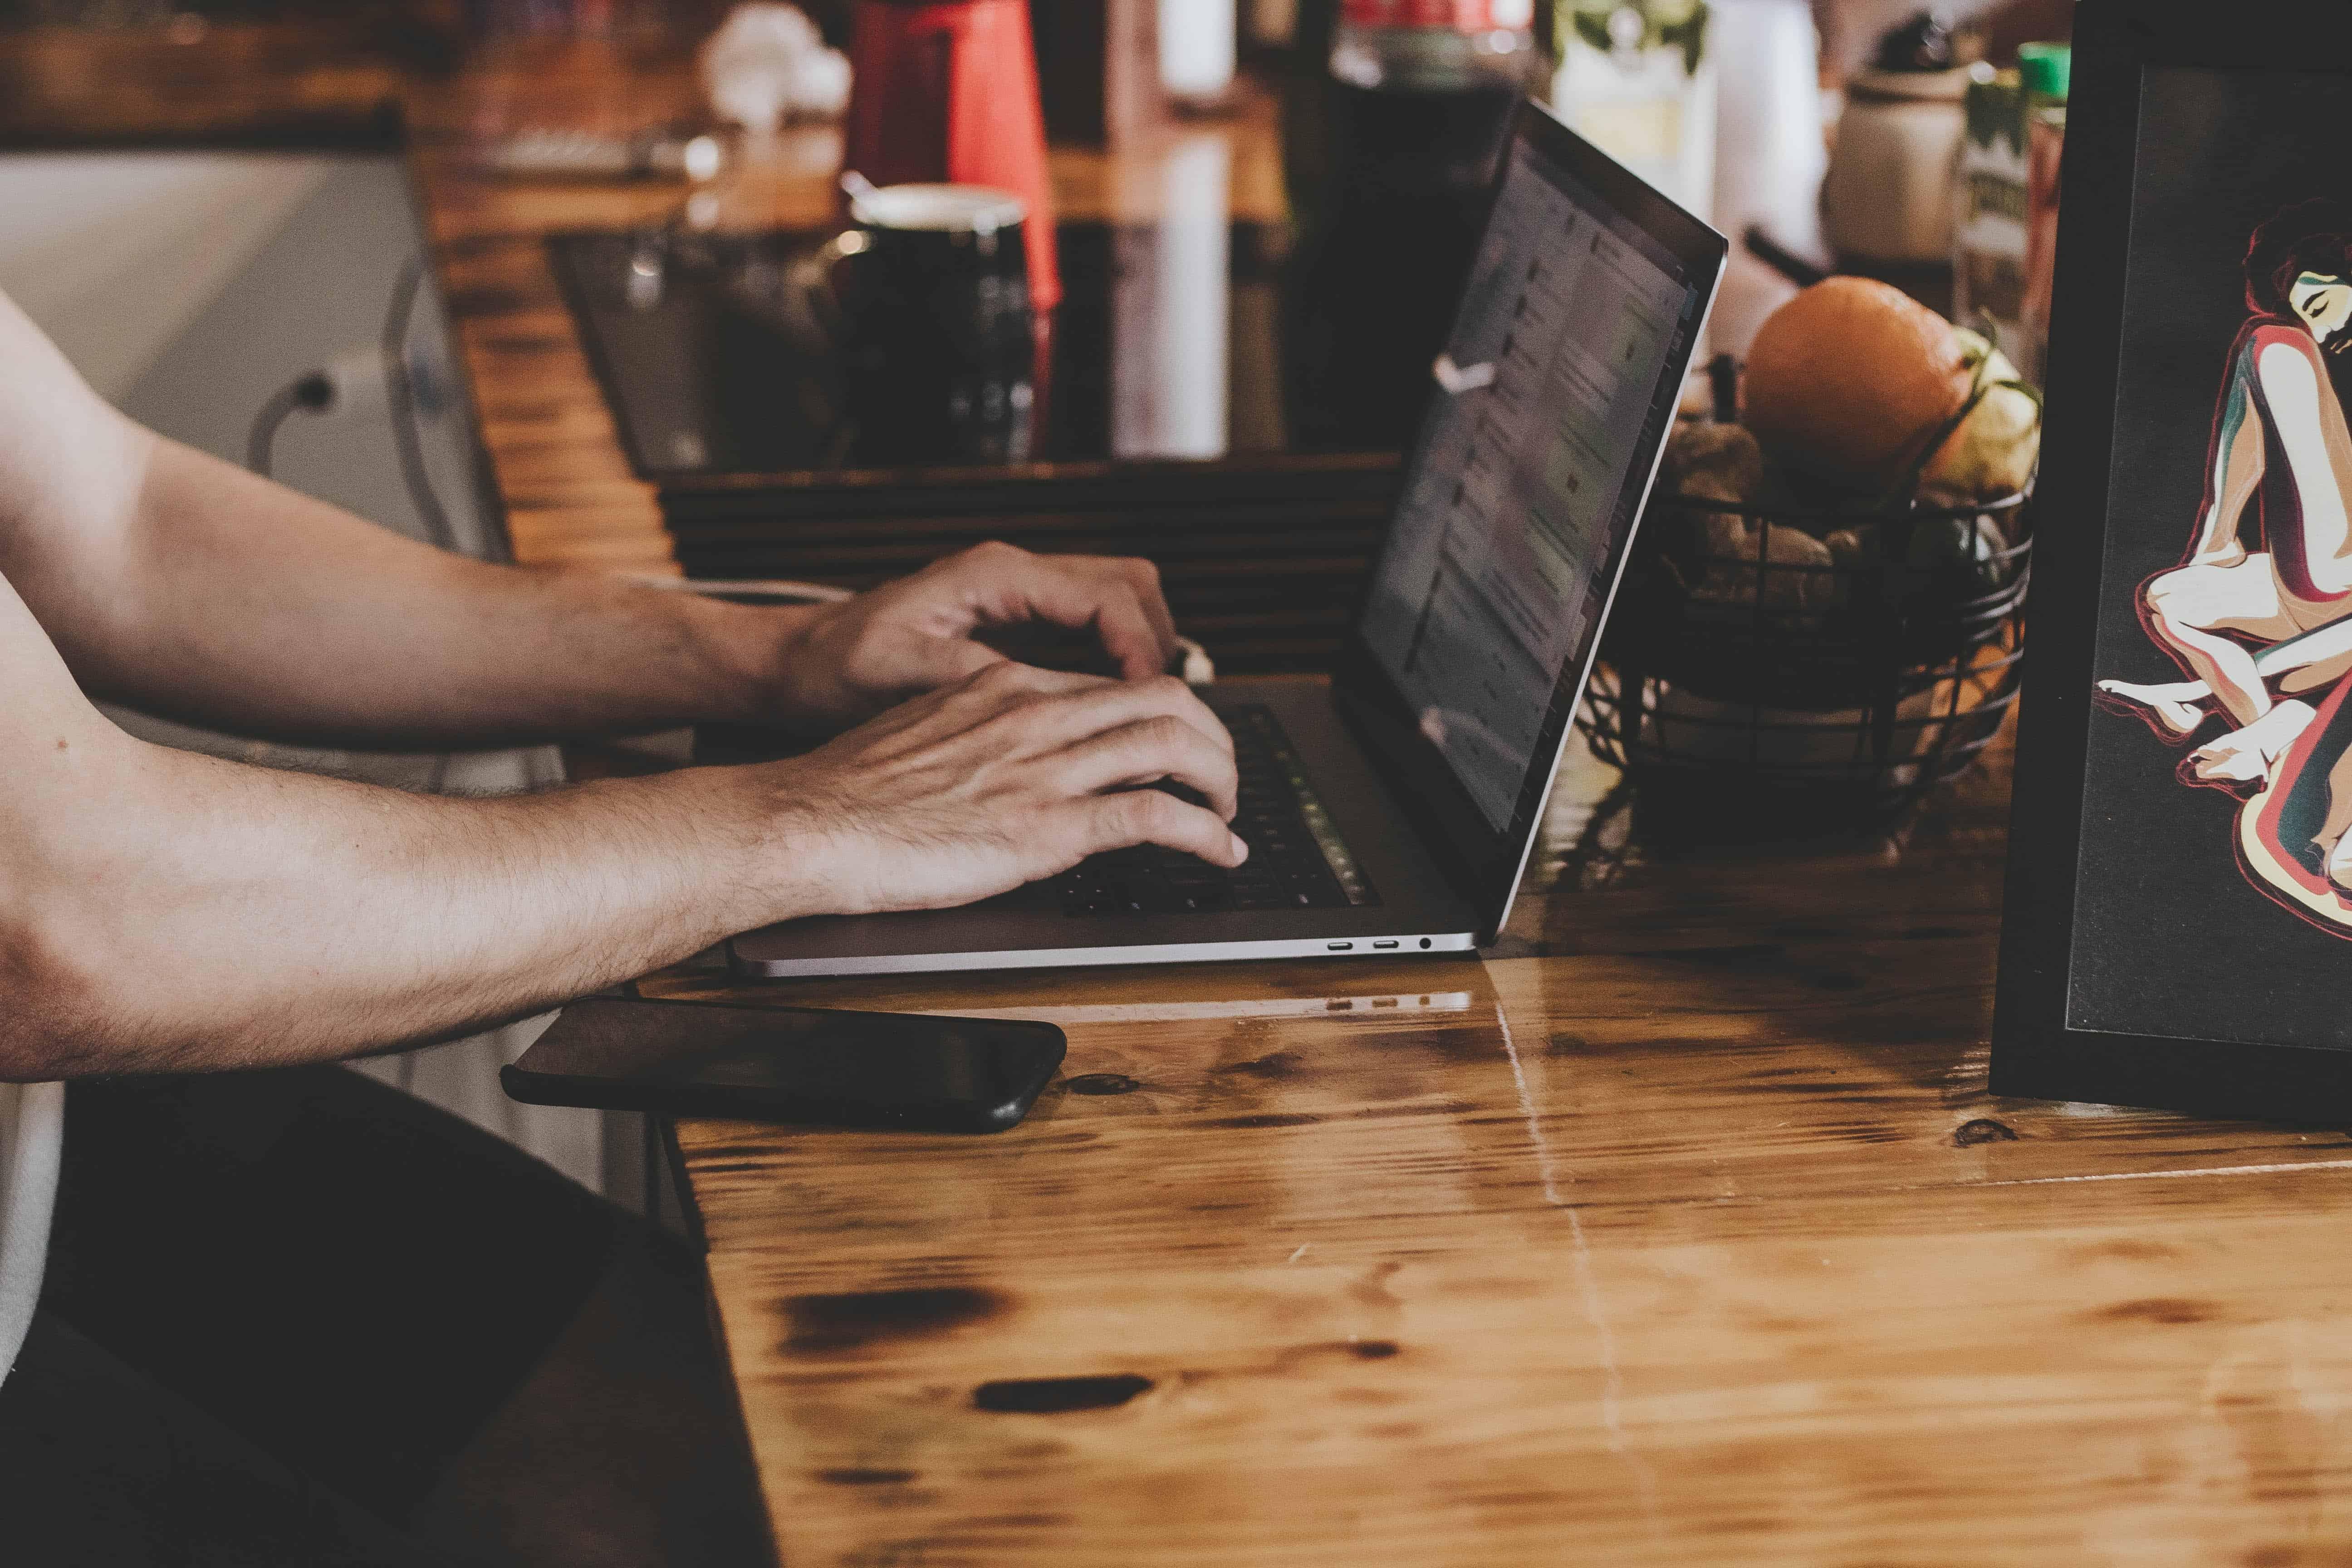 computer hands laptop